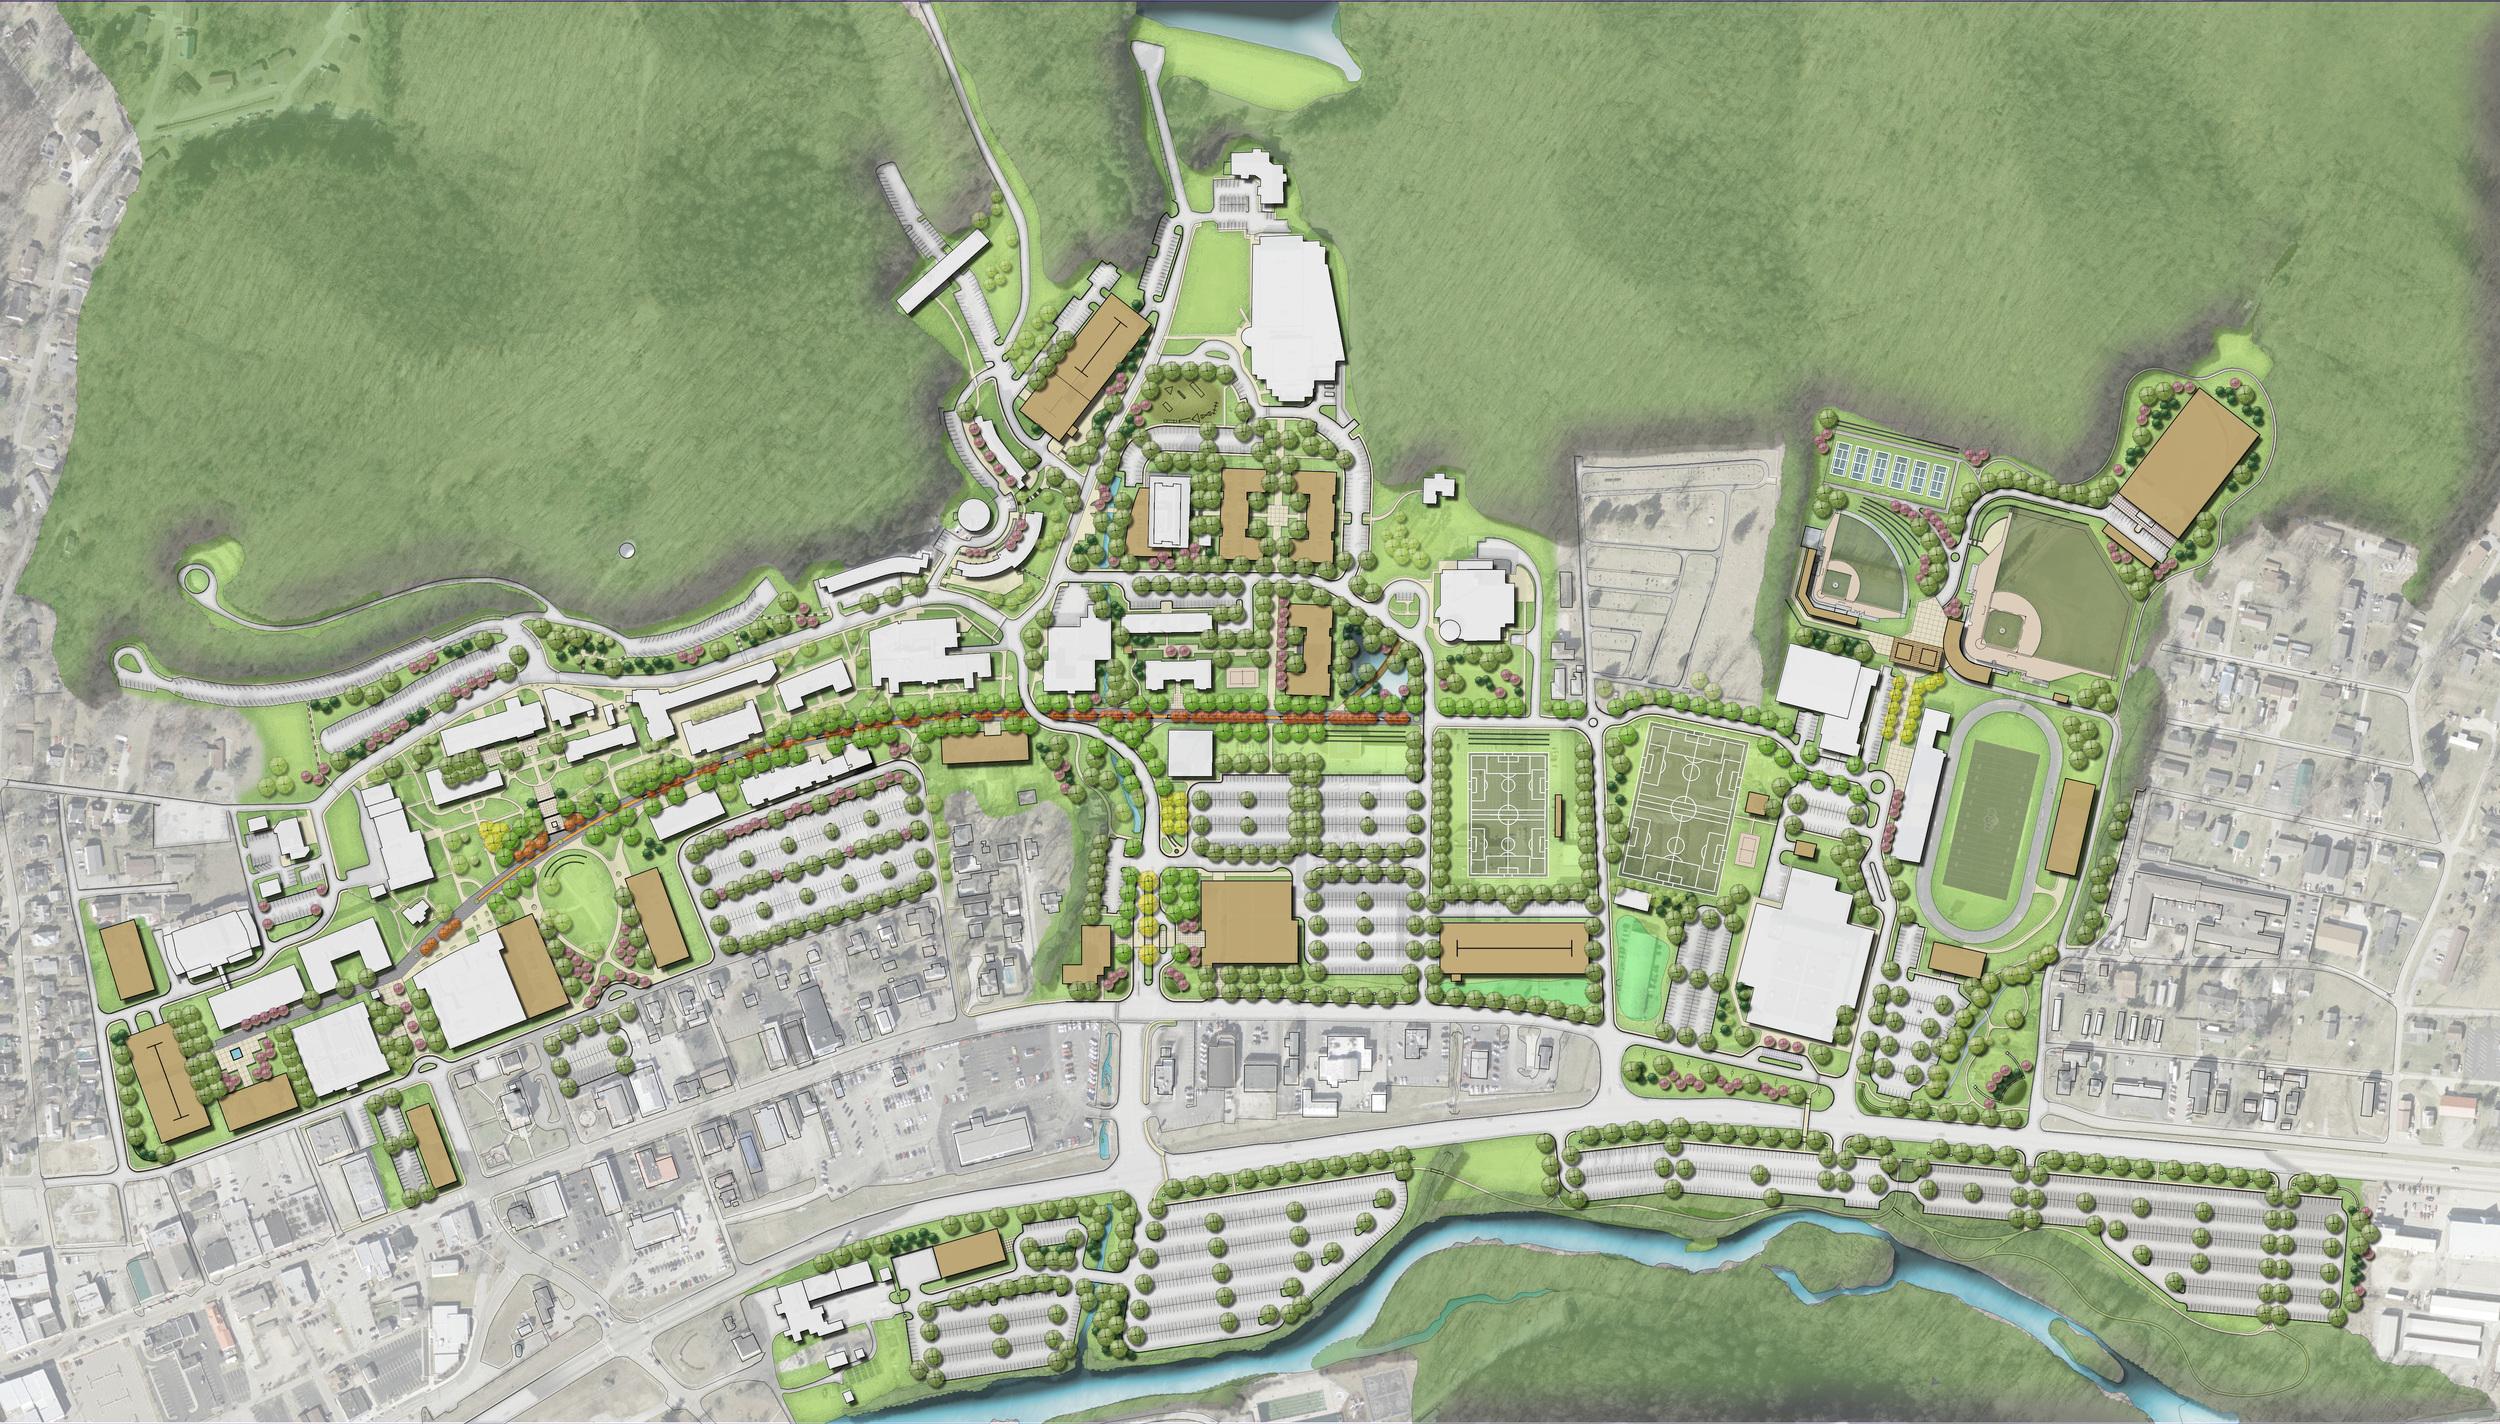 Morehead State University Master Plan